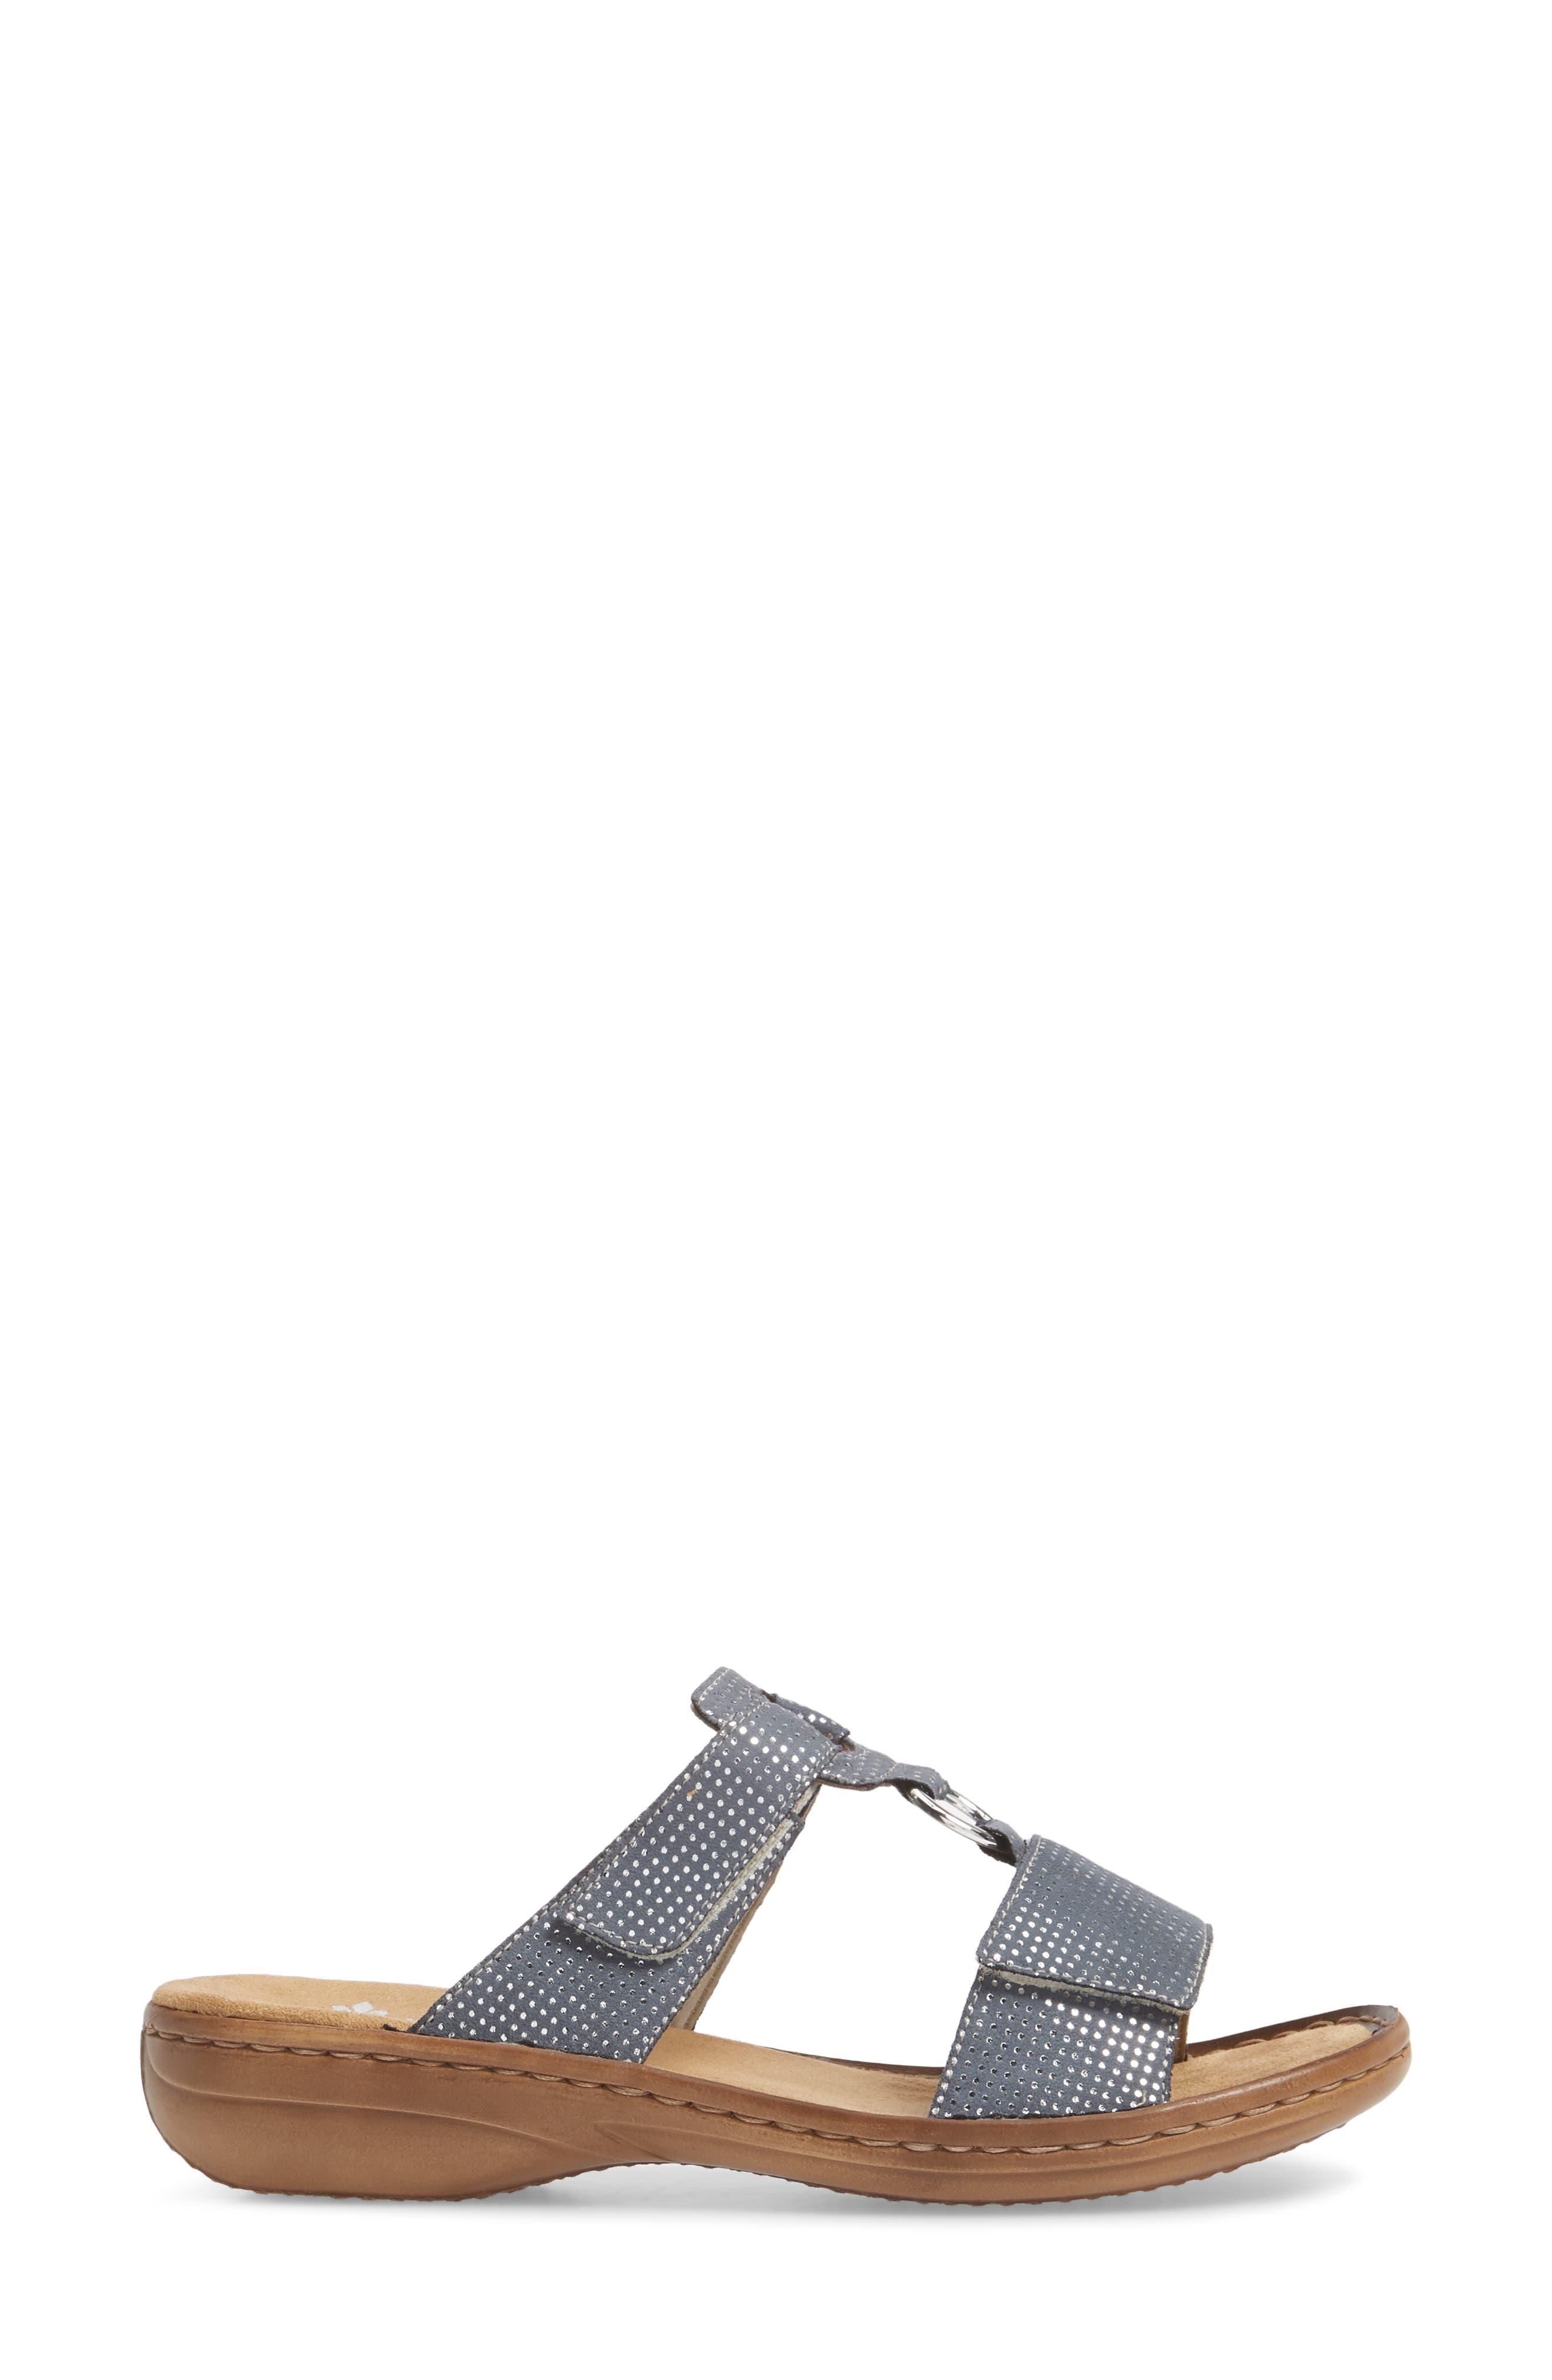 Regina P9 Slide Sandal,                             Alternate thumbnail 3, color,                             White Denim Fabric